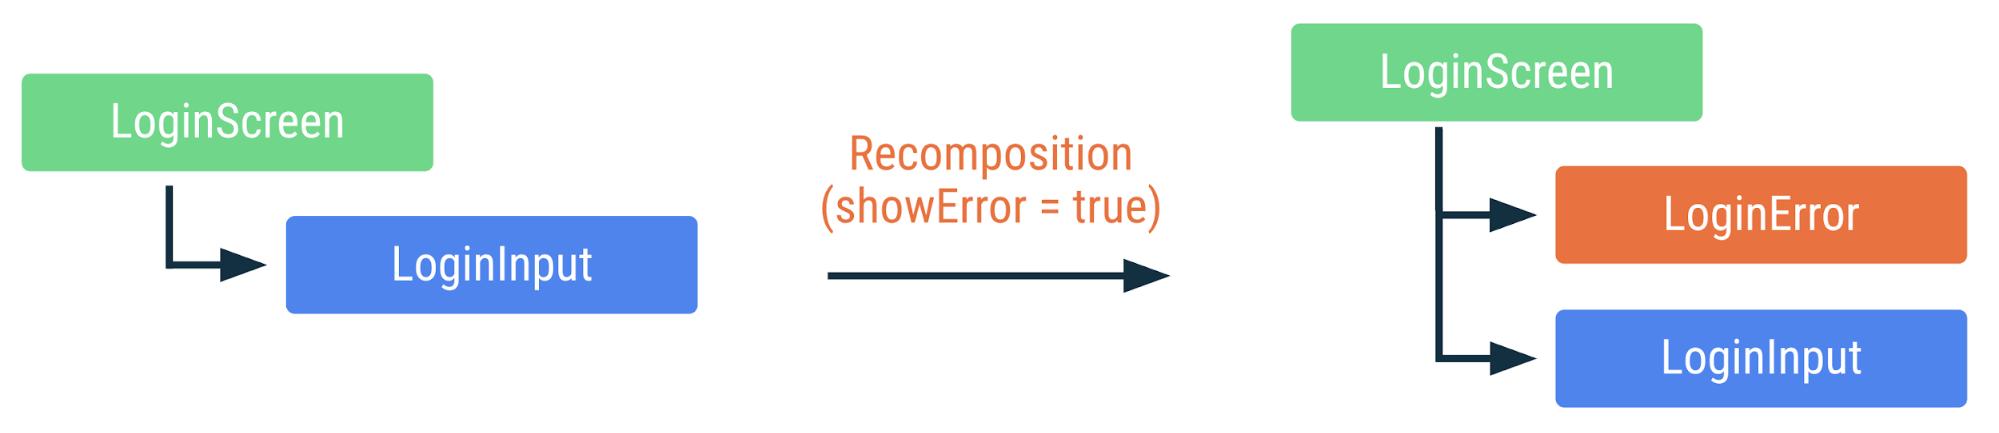 """Diagrama mostrando como ocorre a recomposição do código anterior se a sinalização showError mudar para """"true"""". O LoginError que pode ser composto é adicionado, mas não ocorre a recomposição das outras funções."""